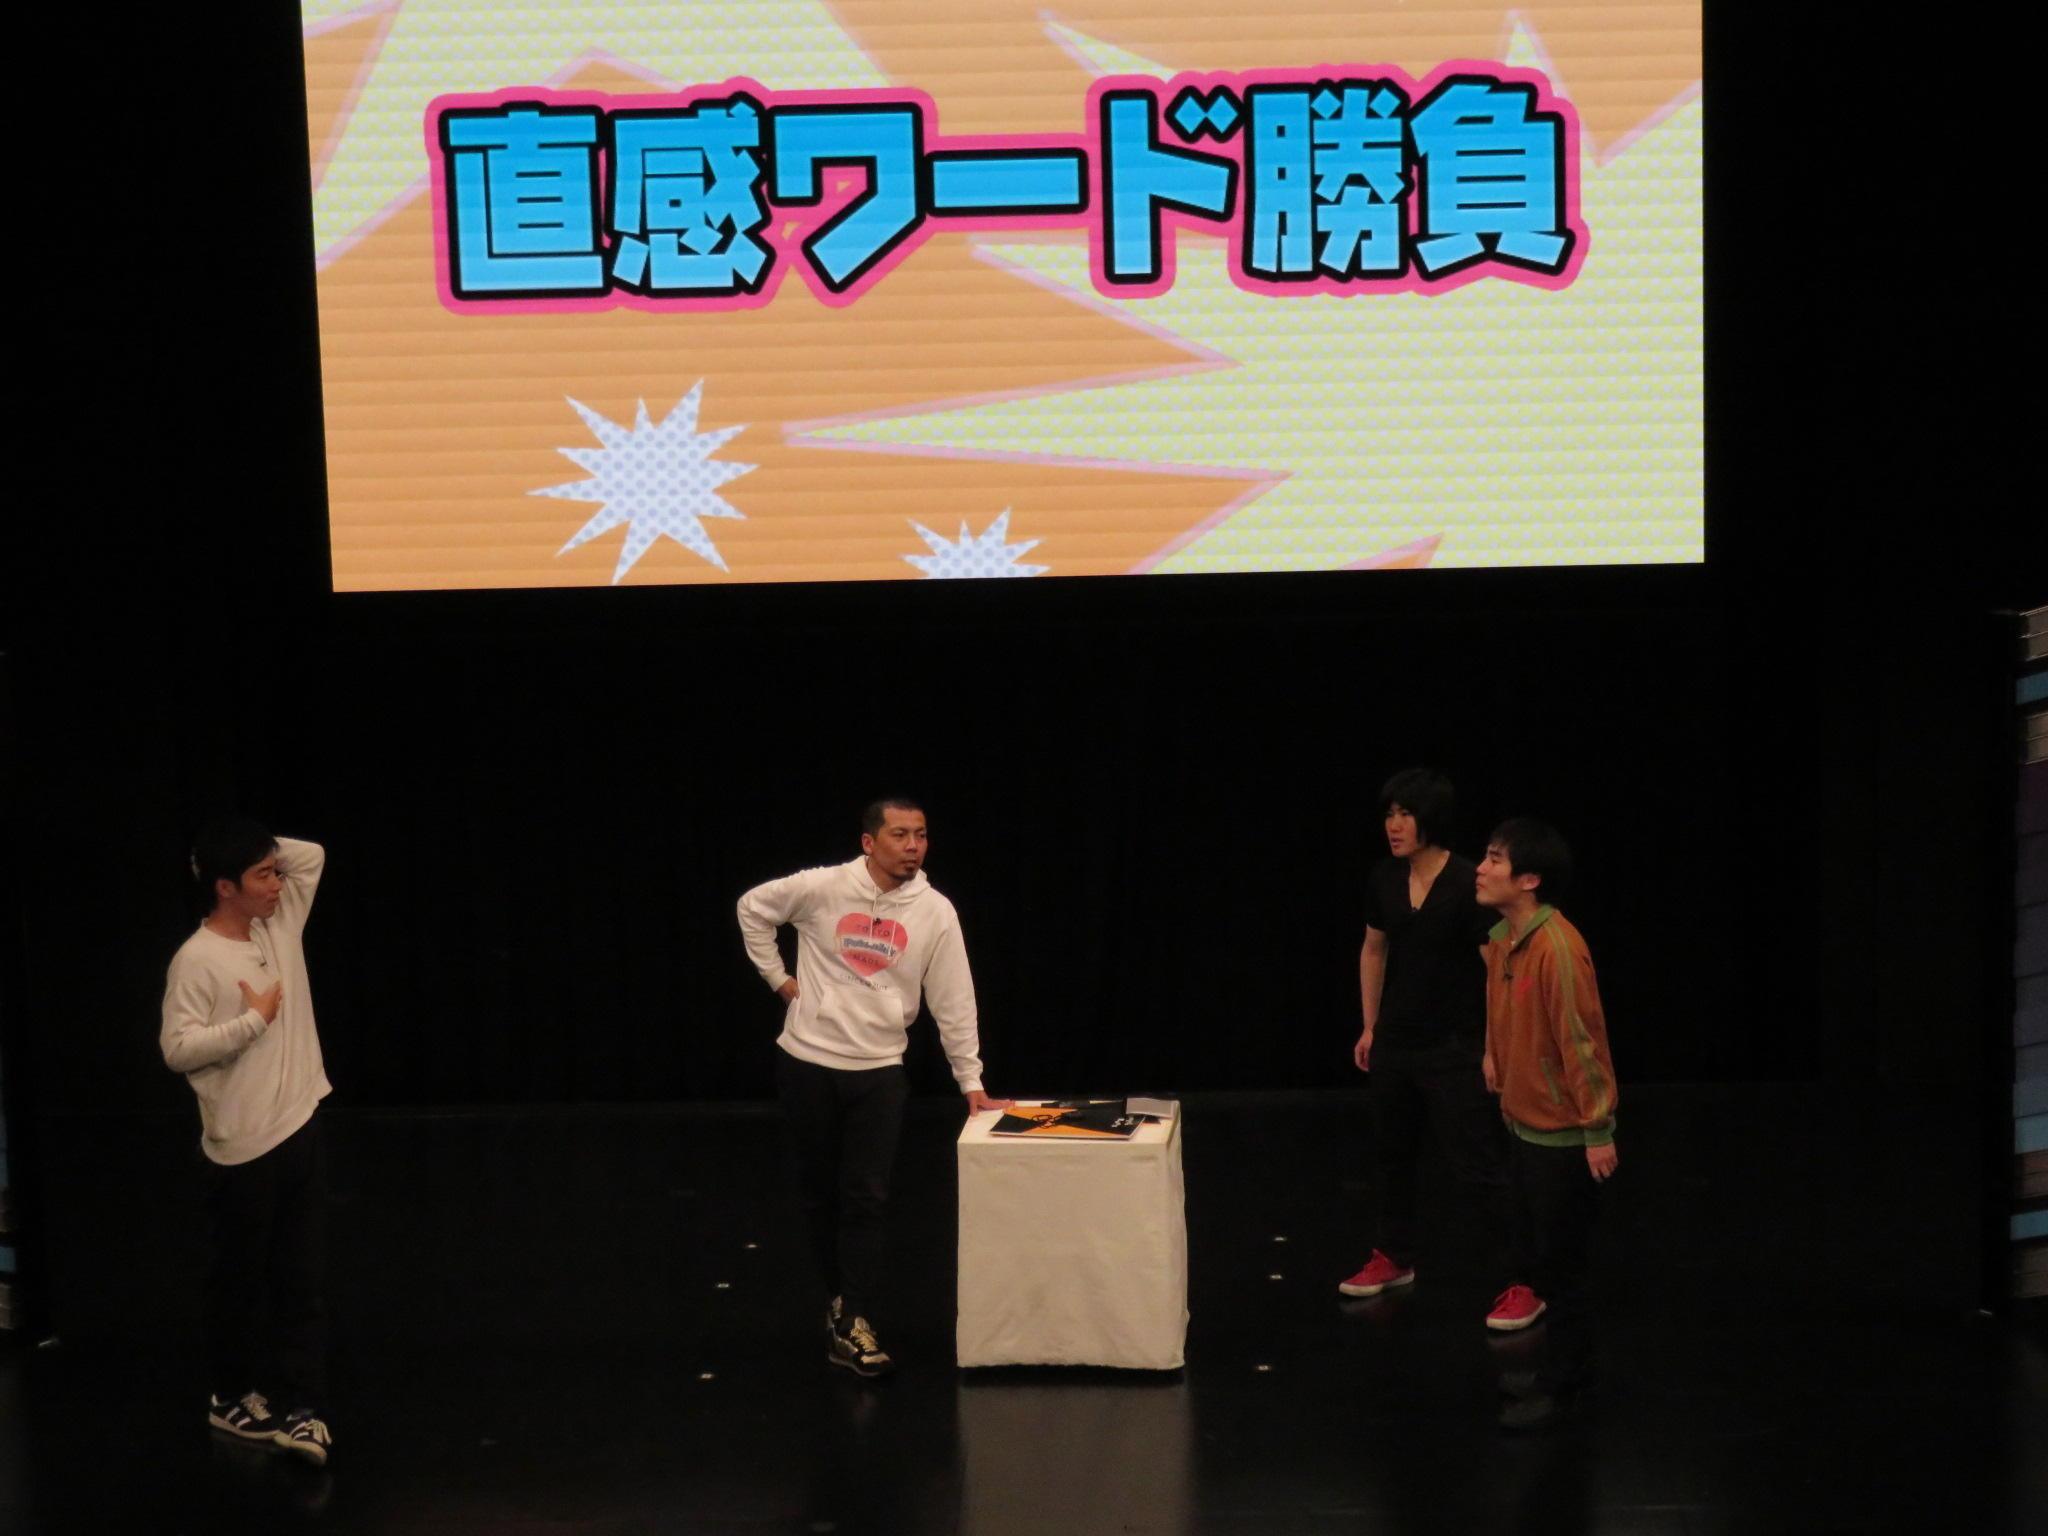 http://news.yoshimoto.co.jp/20181230125730-625411a984c594c8f052597566488f46cbd034c8.jpg